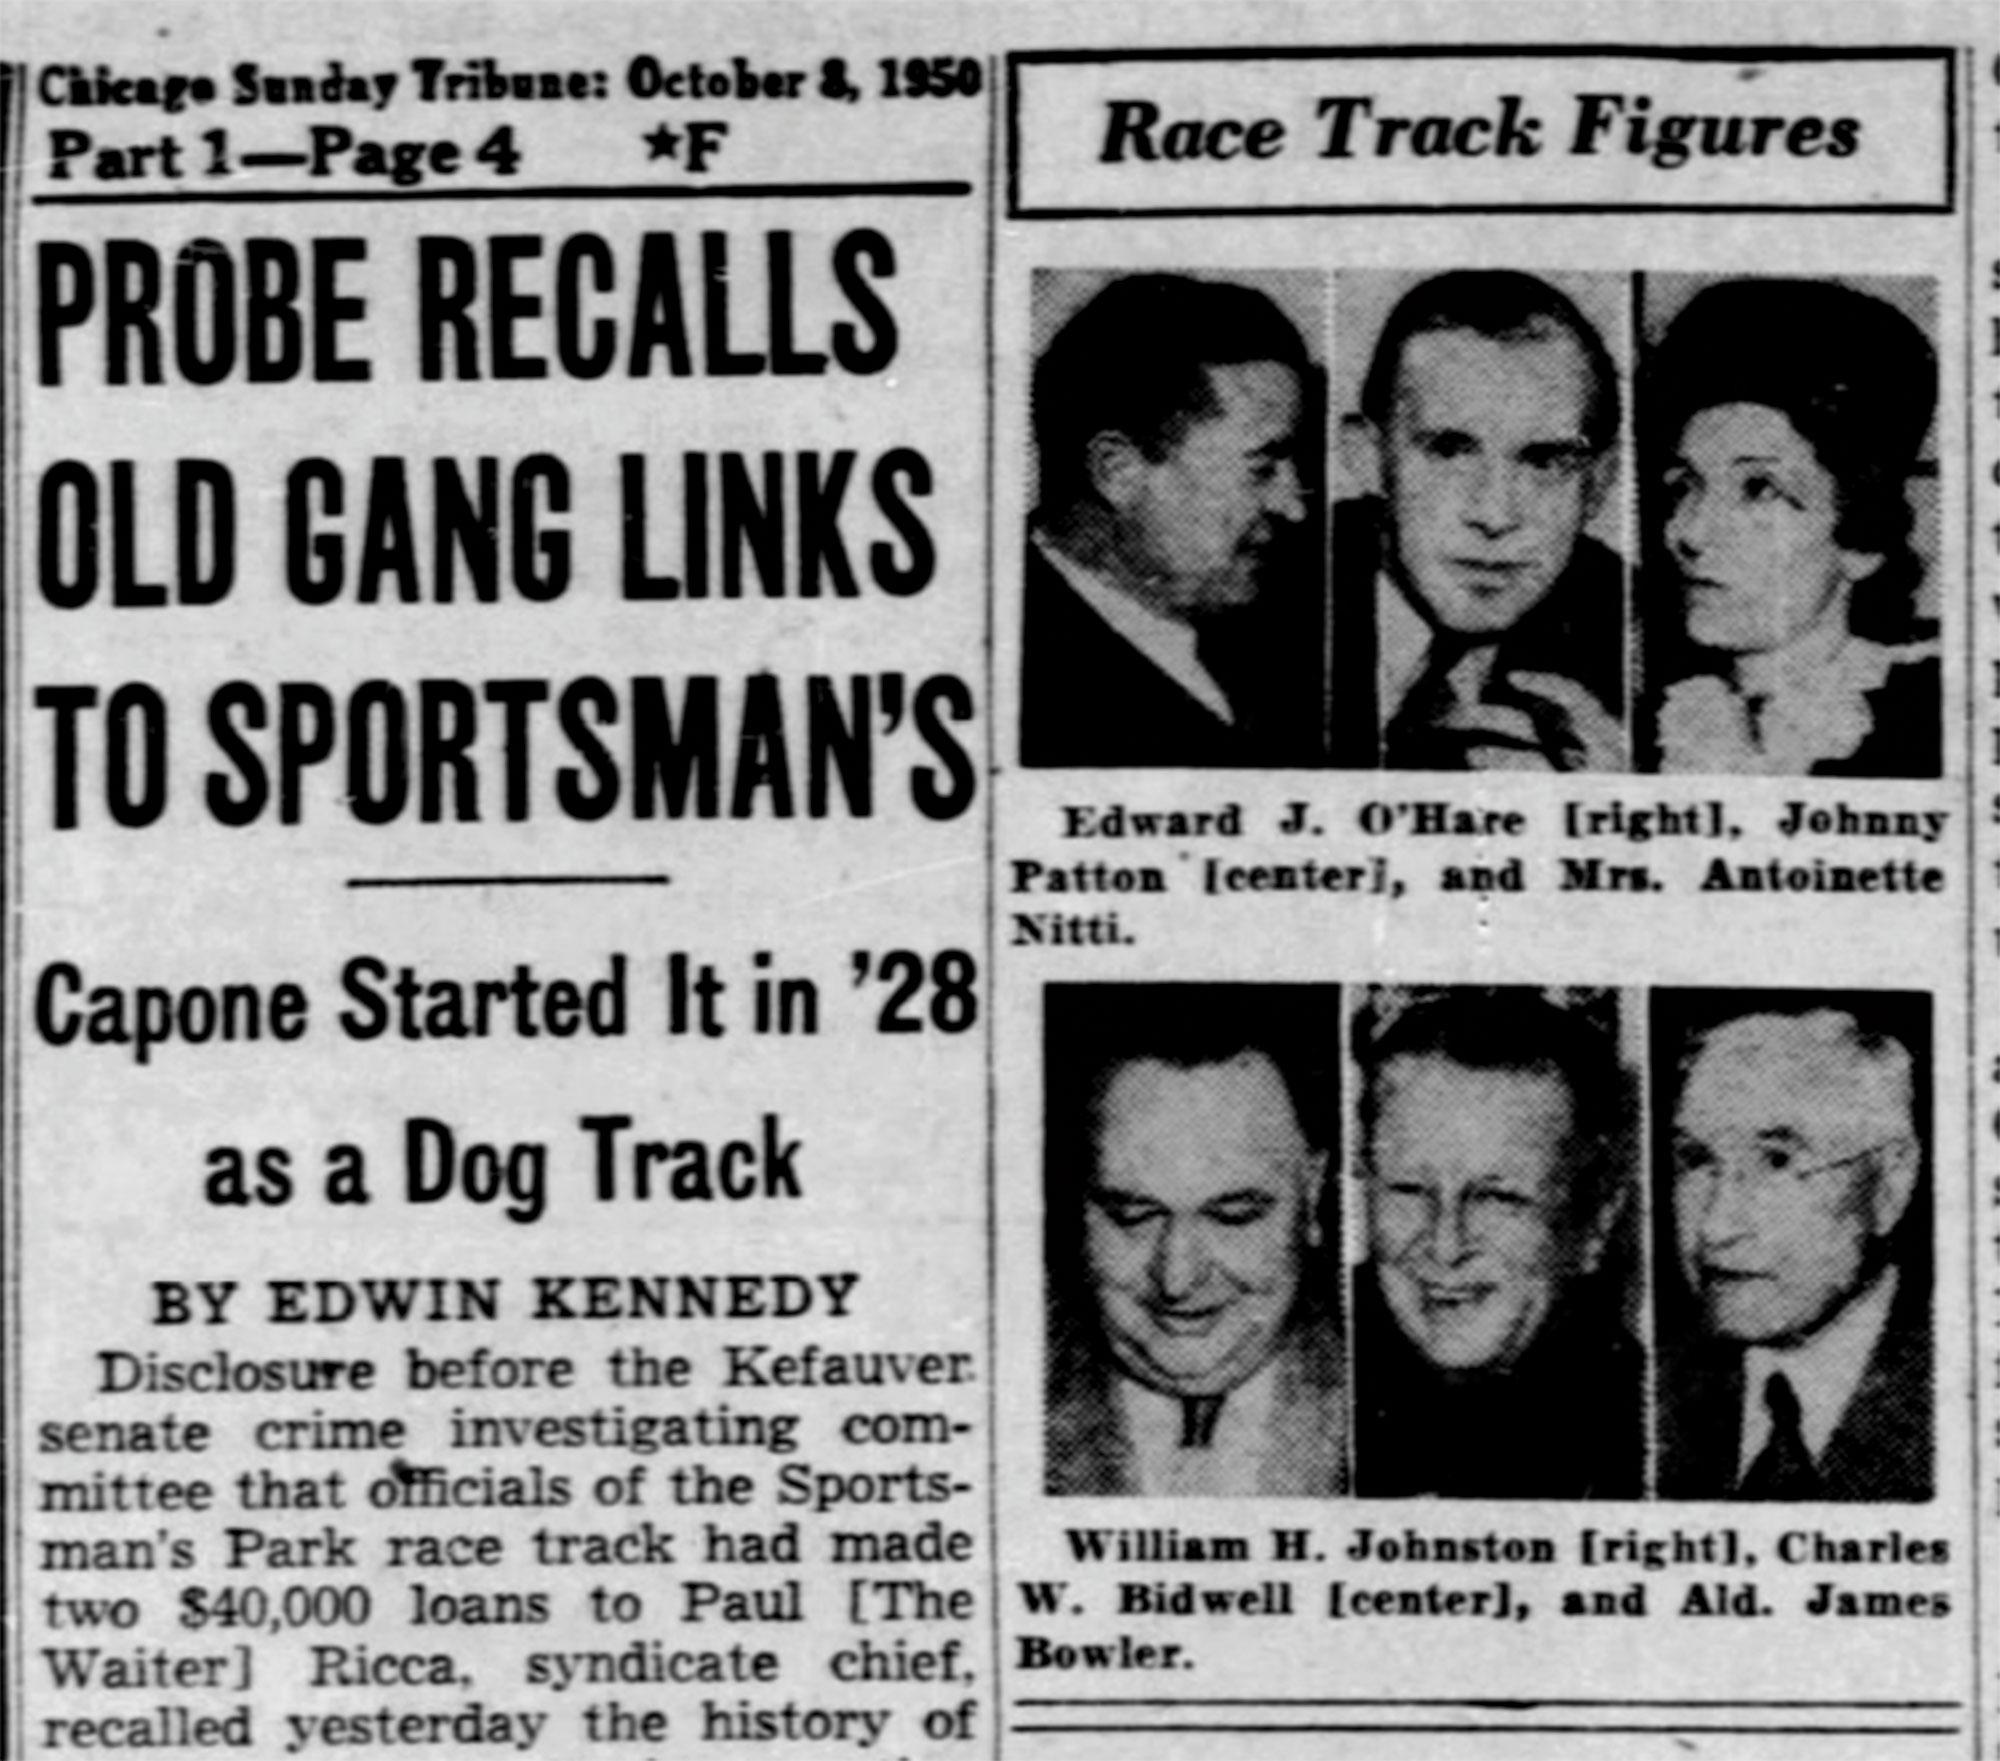 Chicago Tribune, October 8, 1950; Photo courtesy Chicago Tribune